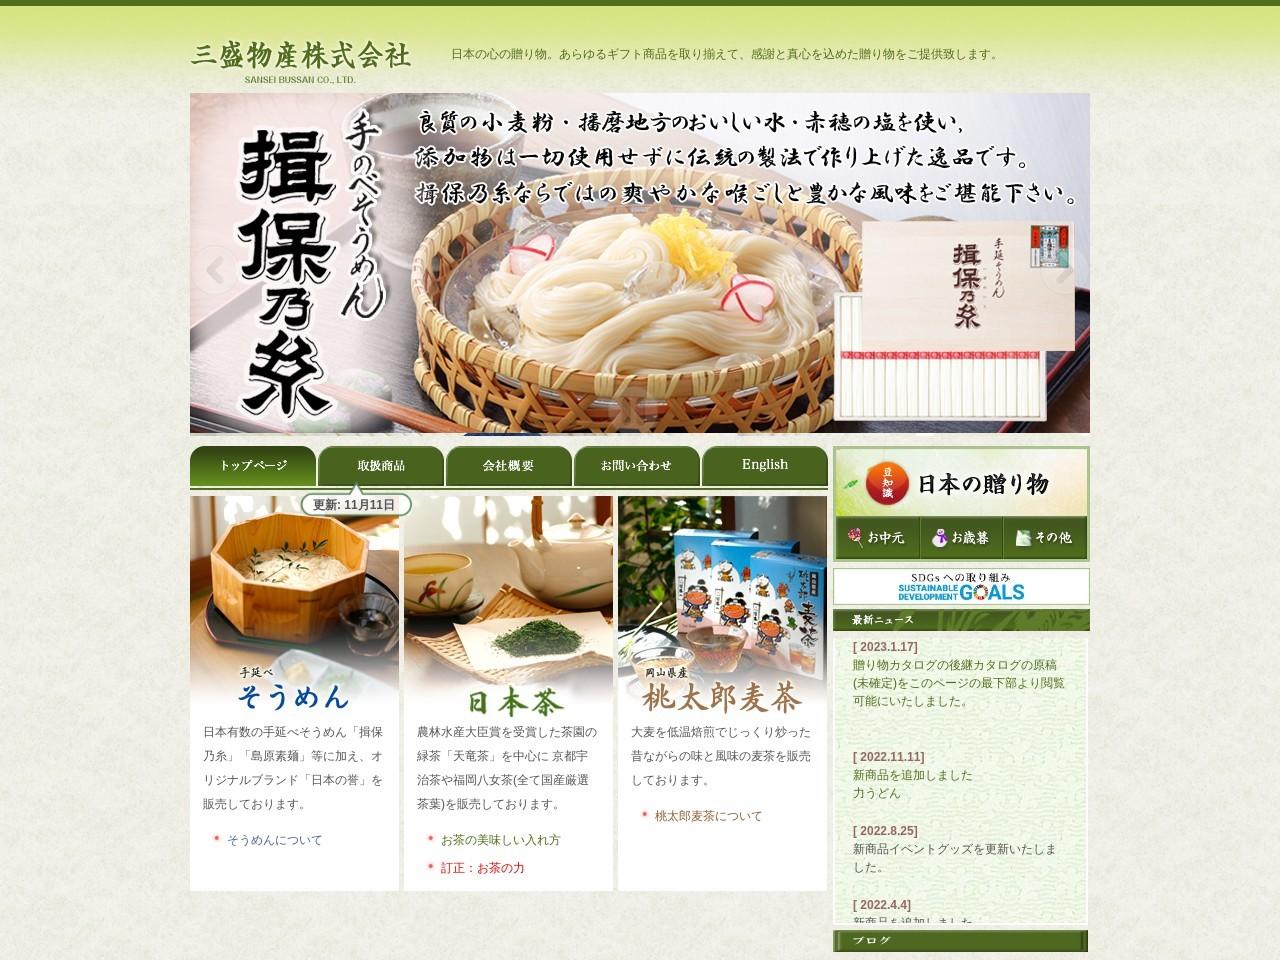 日本のギフトは三盛物産